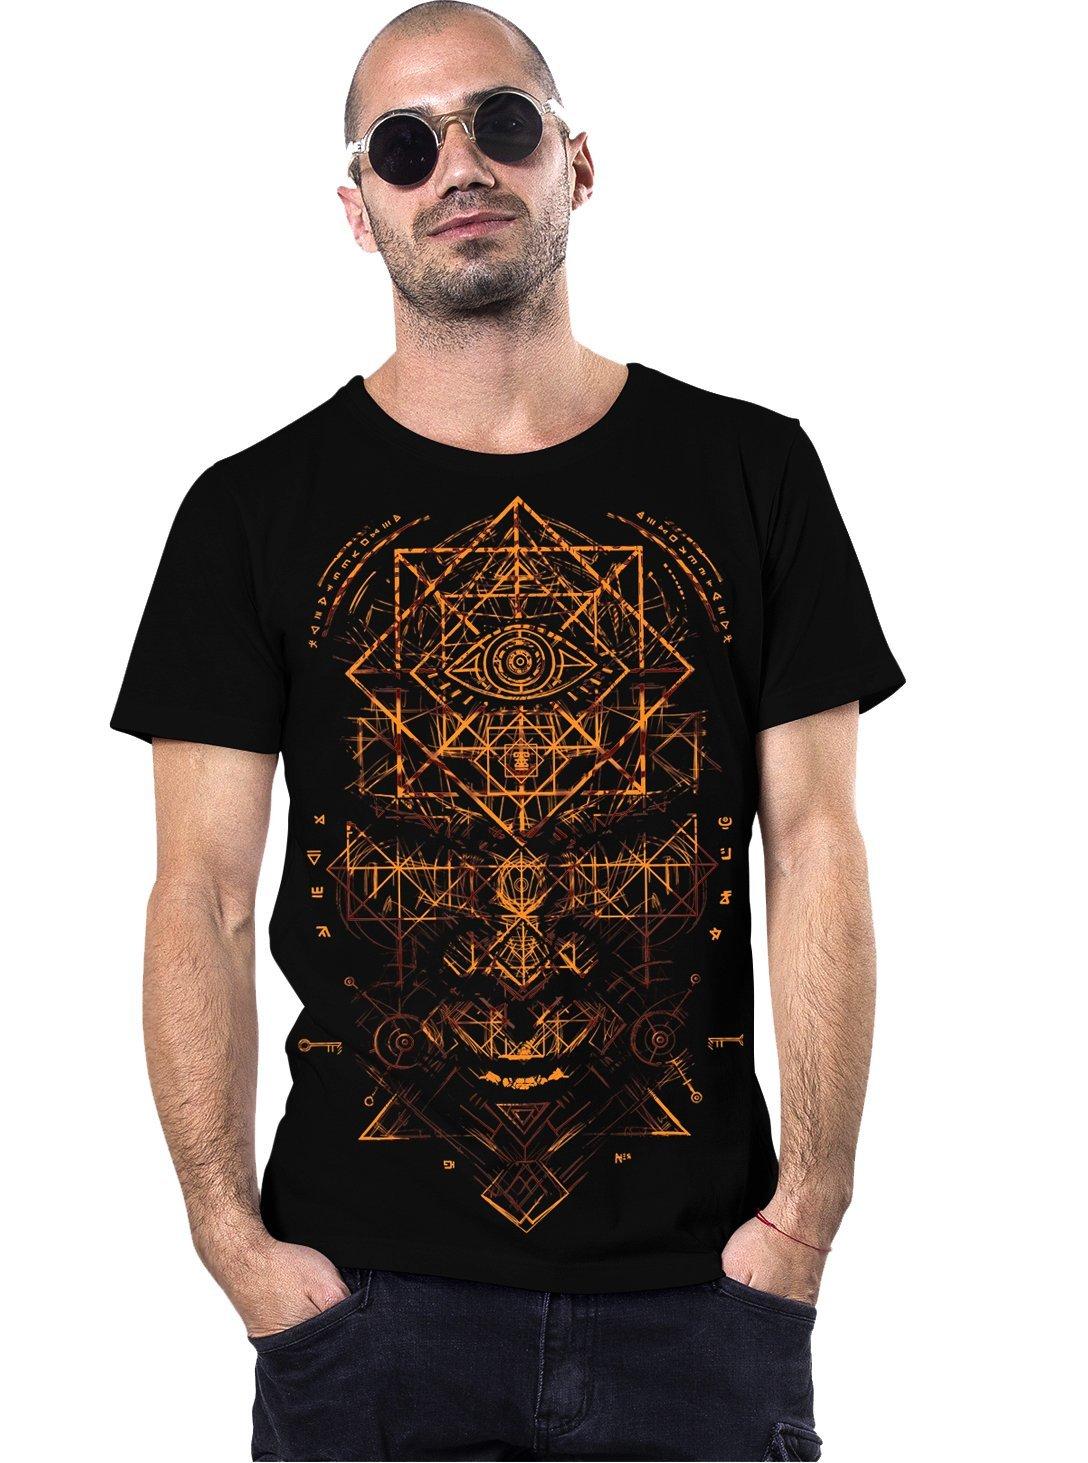 True Illuminati Crew Neck Men's Top - Exclusive Artwork - Print Cotton T-Shirt